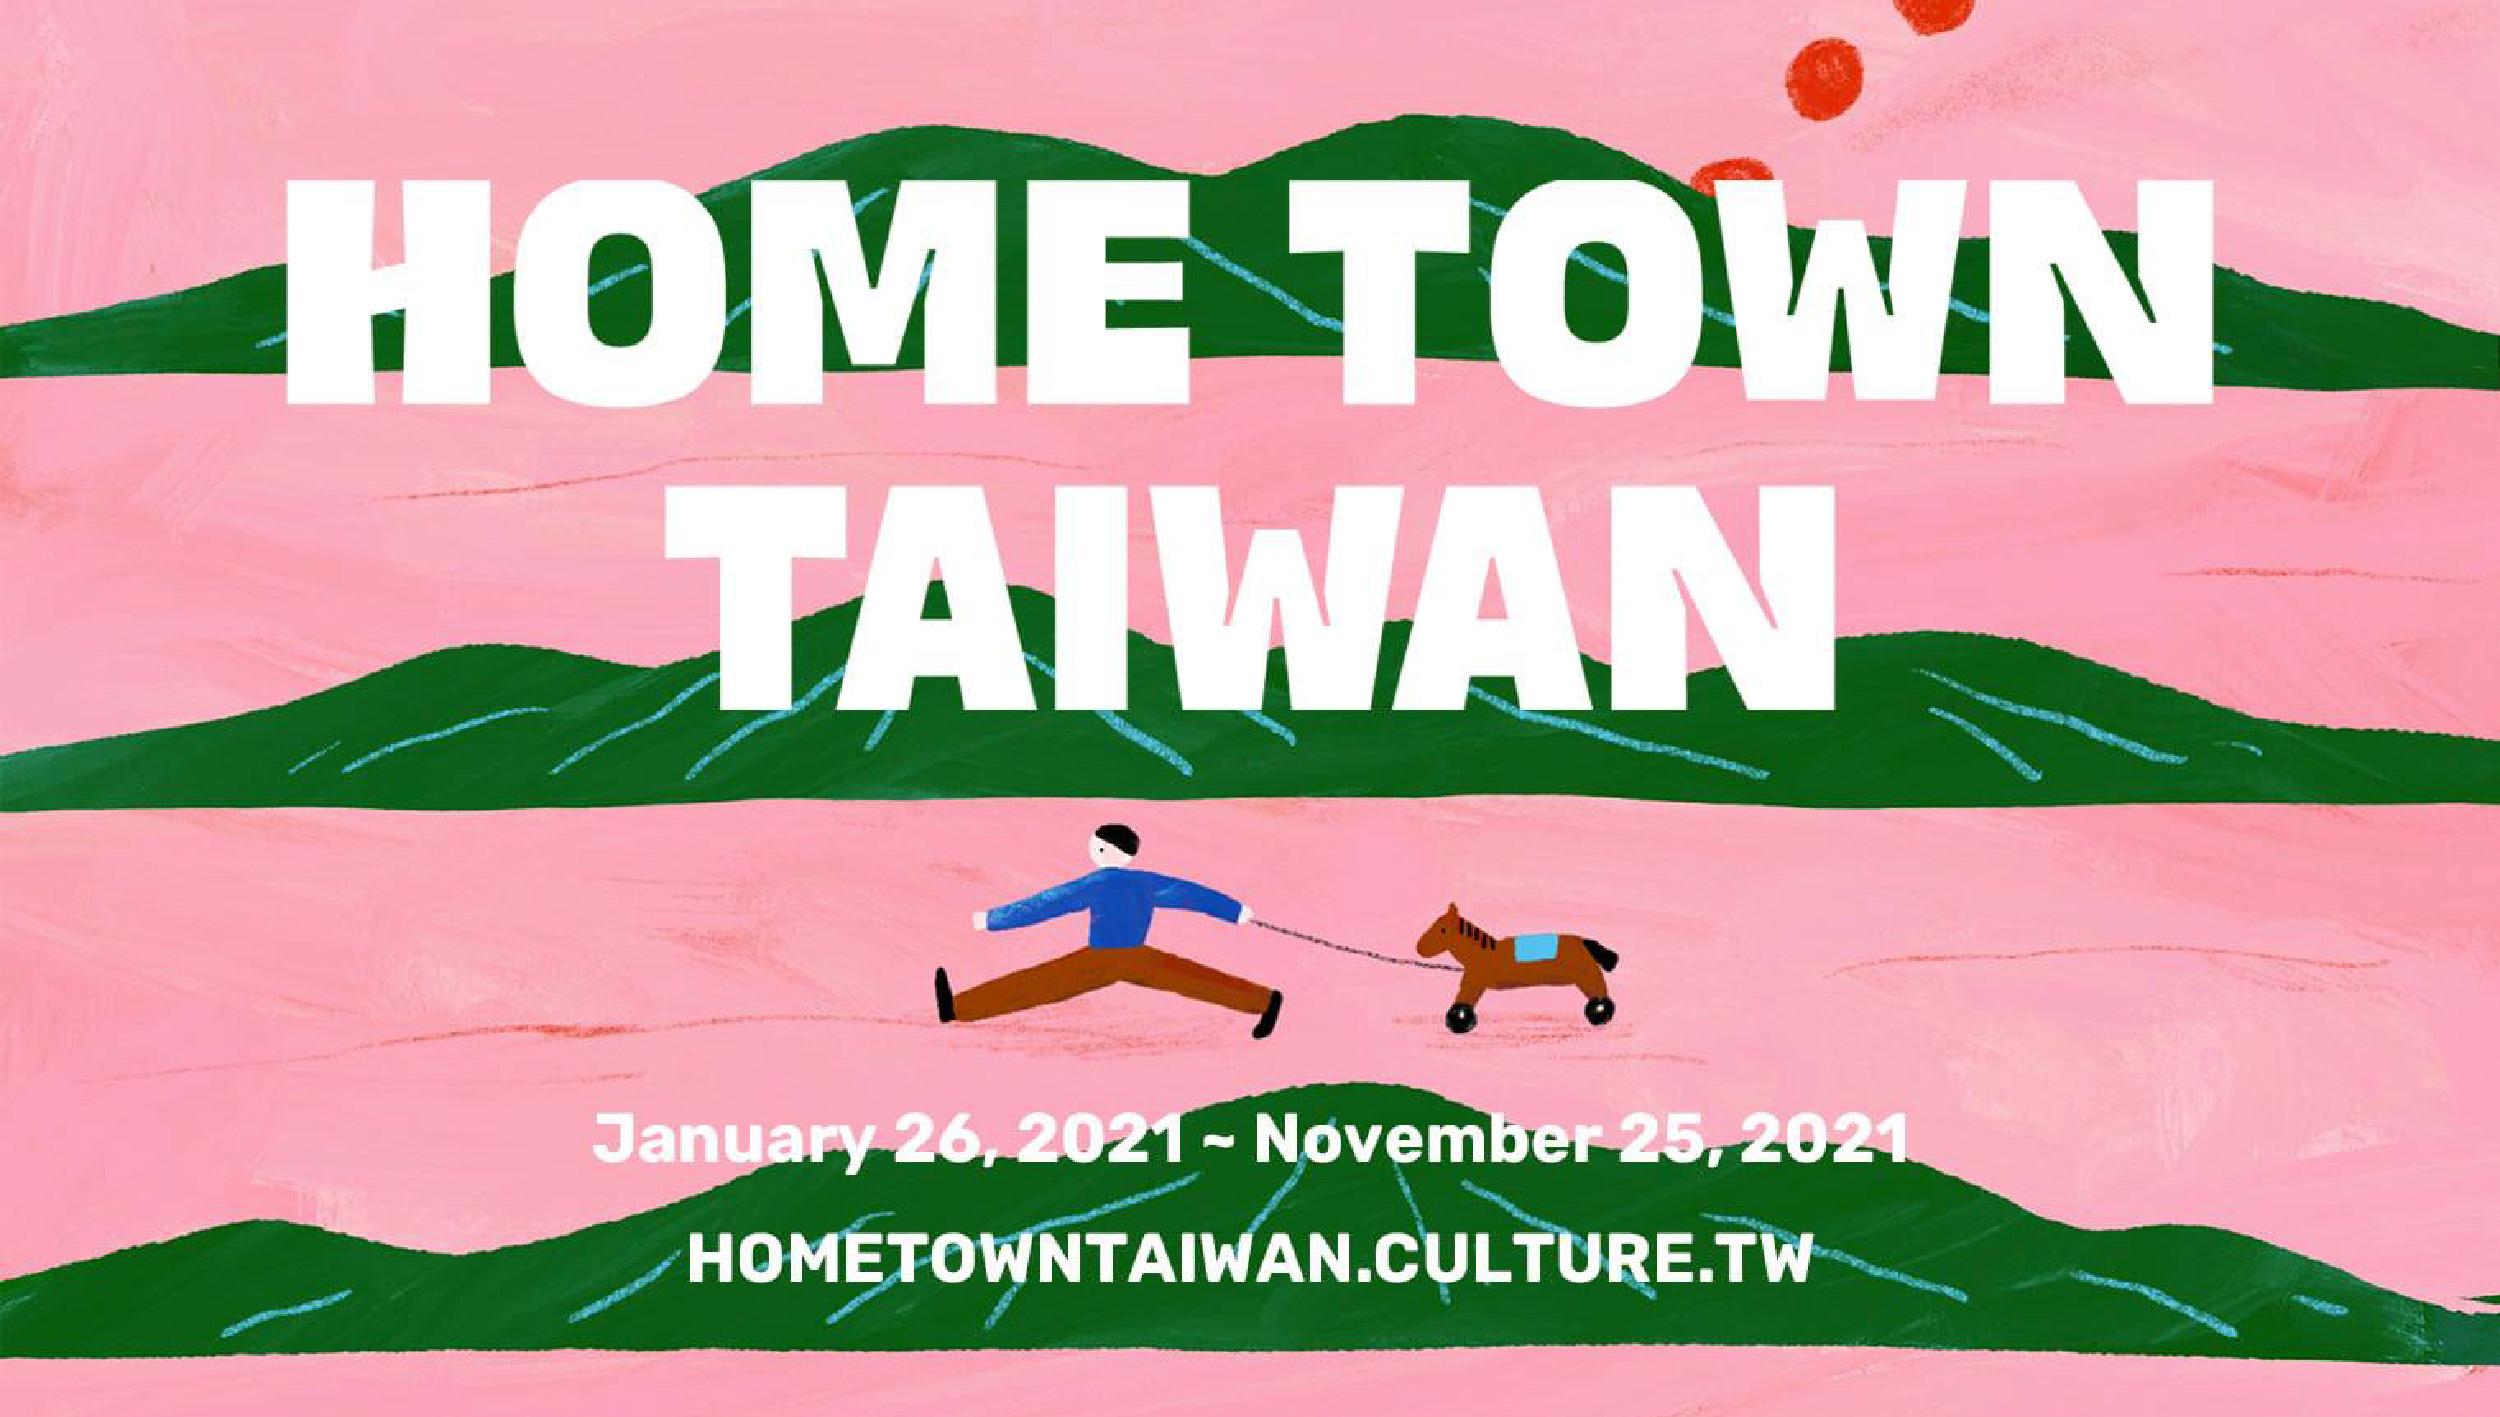 來自臺灣的問候Home Town Taiwan插畫展,農曆新春線上傳遞祝福